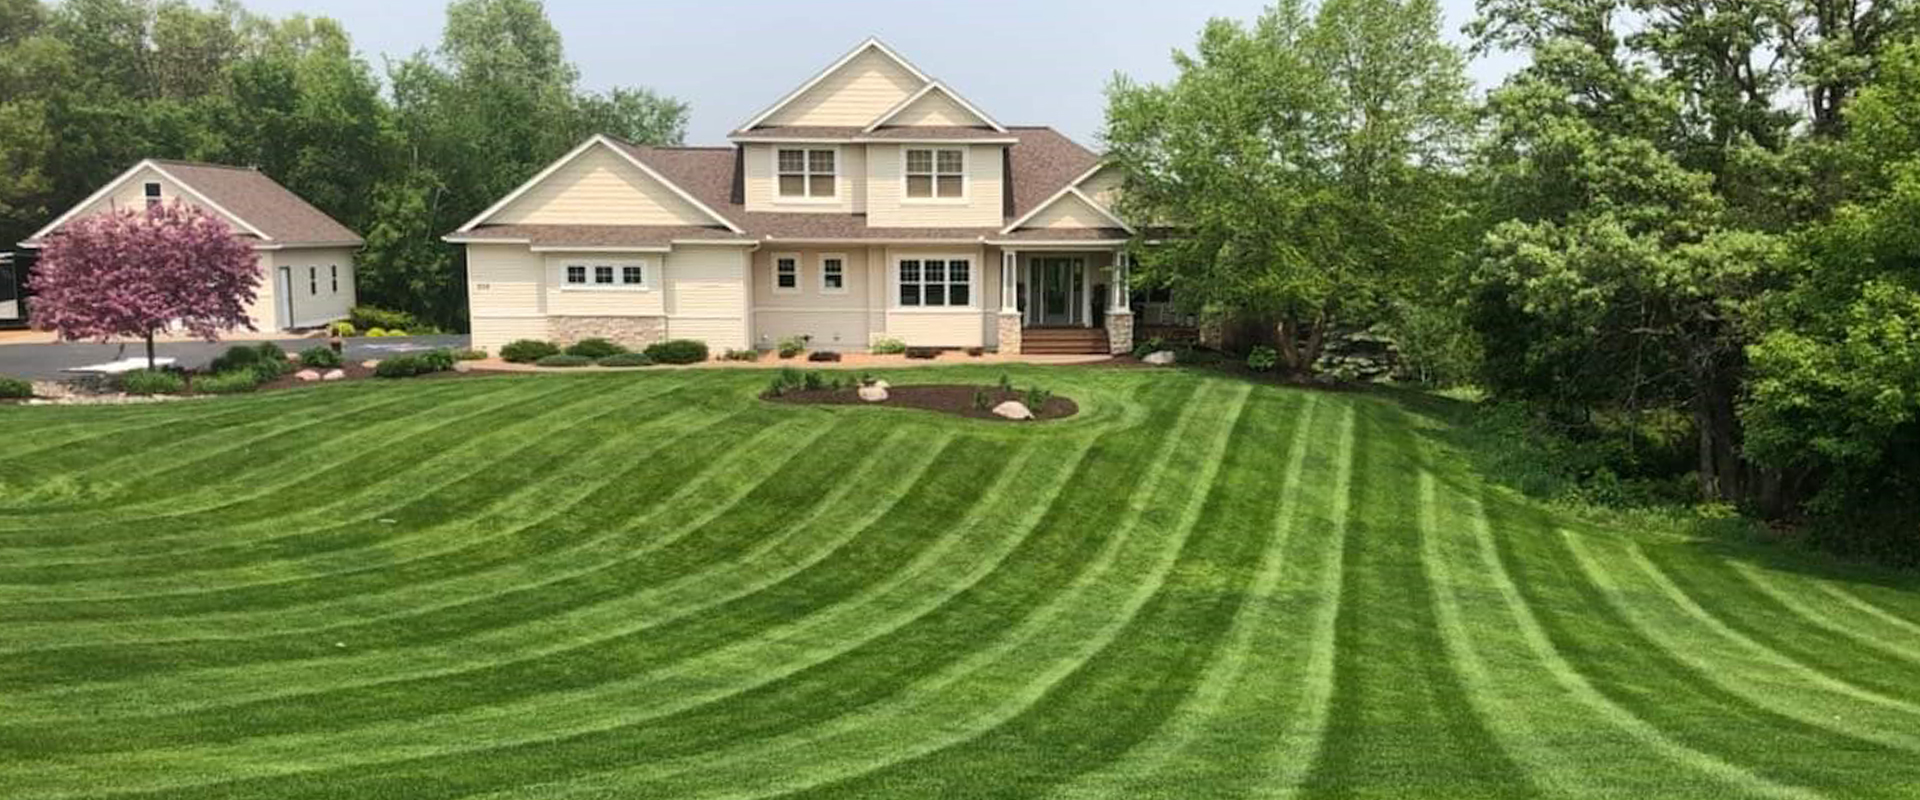 Lawn Care & Lawn Maintenance Services